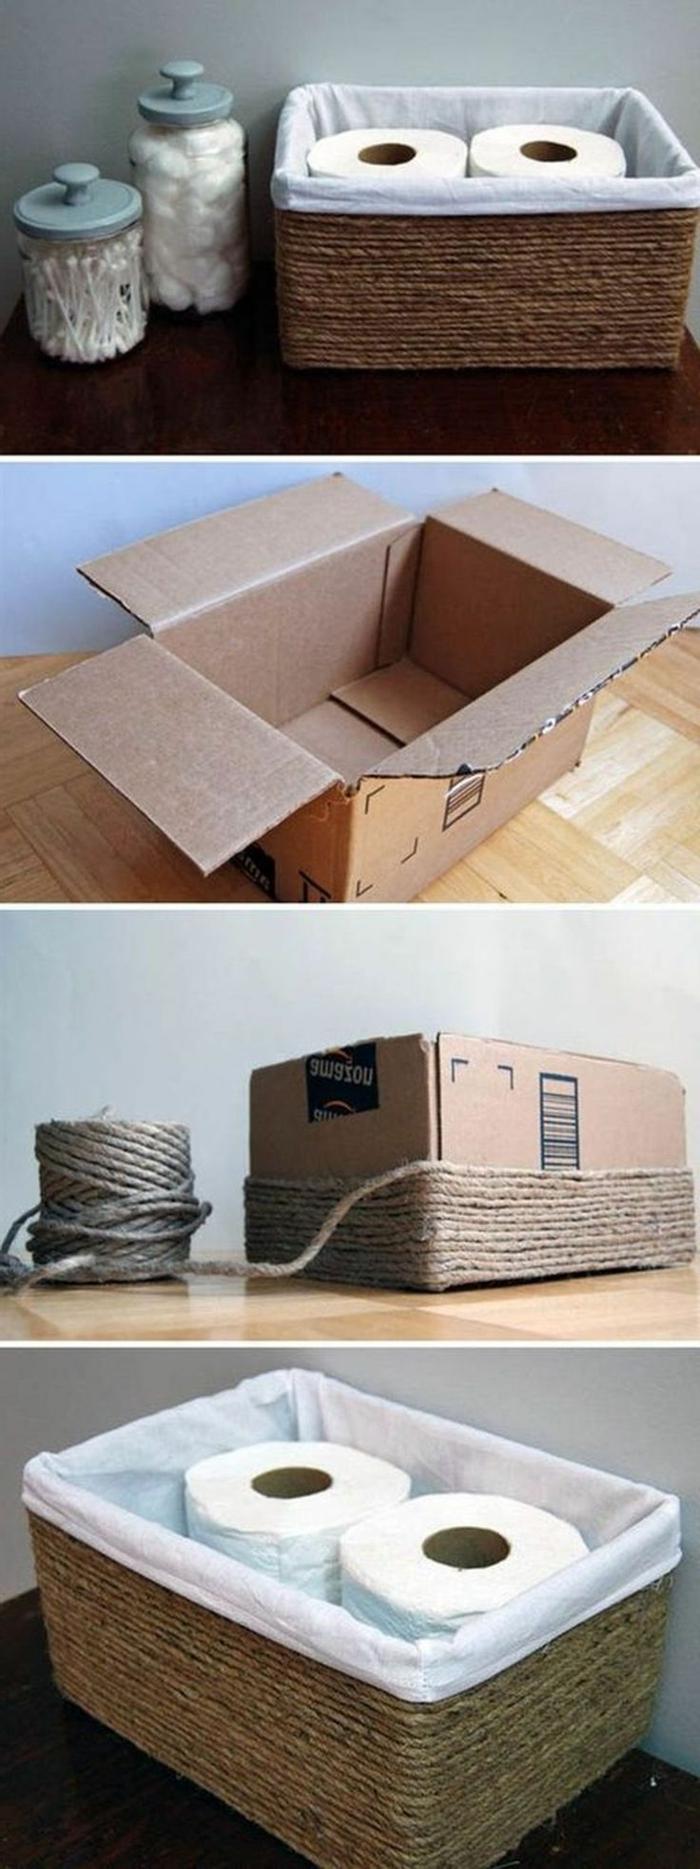 Alte Box Upcycling zu Korb mit Seil für Toilettenpapier, Anleitung zum Selbermachen, aus alt mach neu